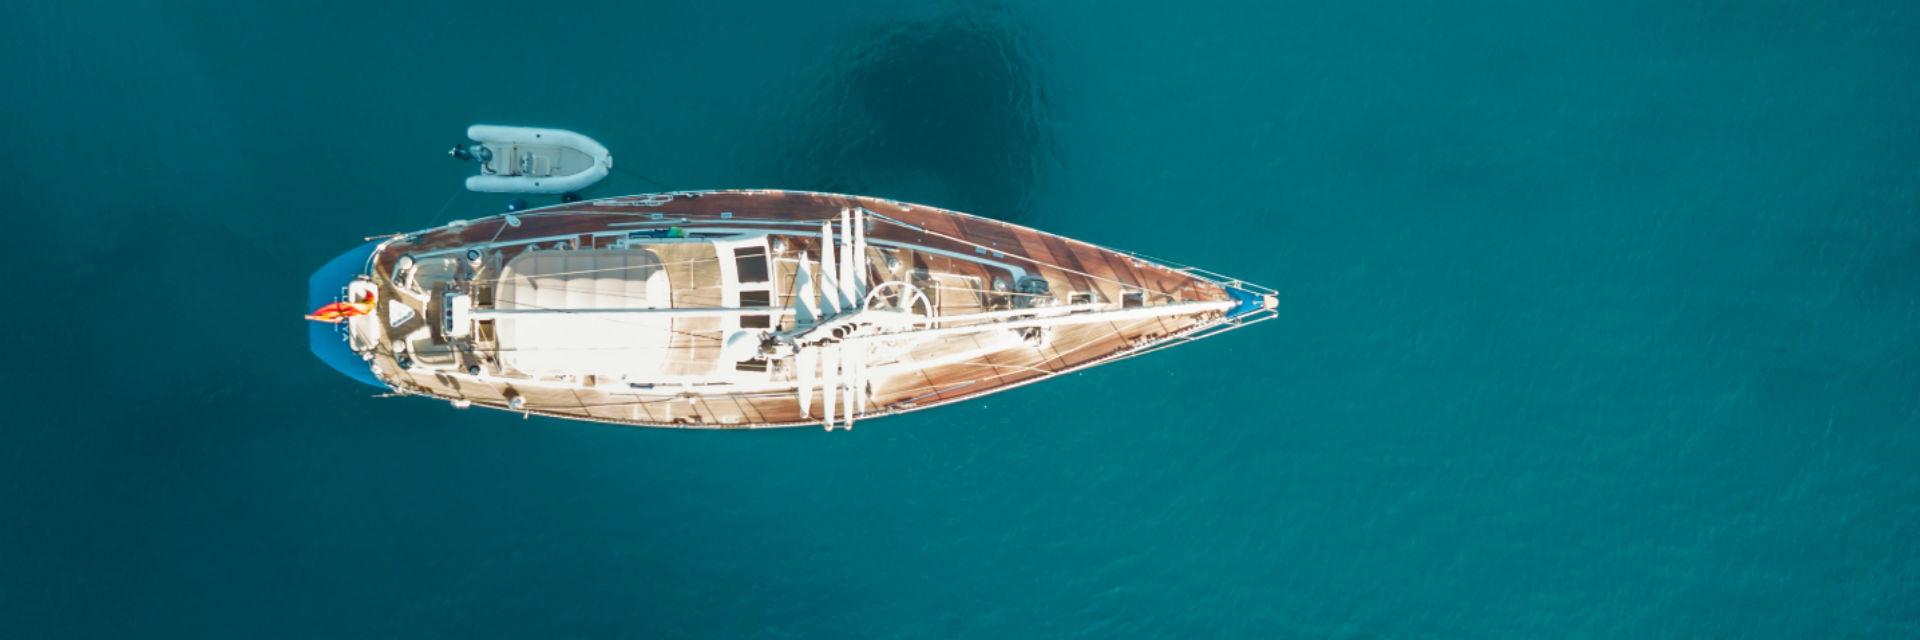 Barco pesca caballa